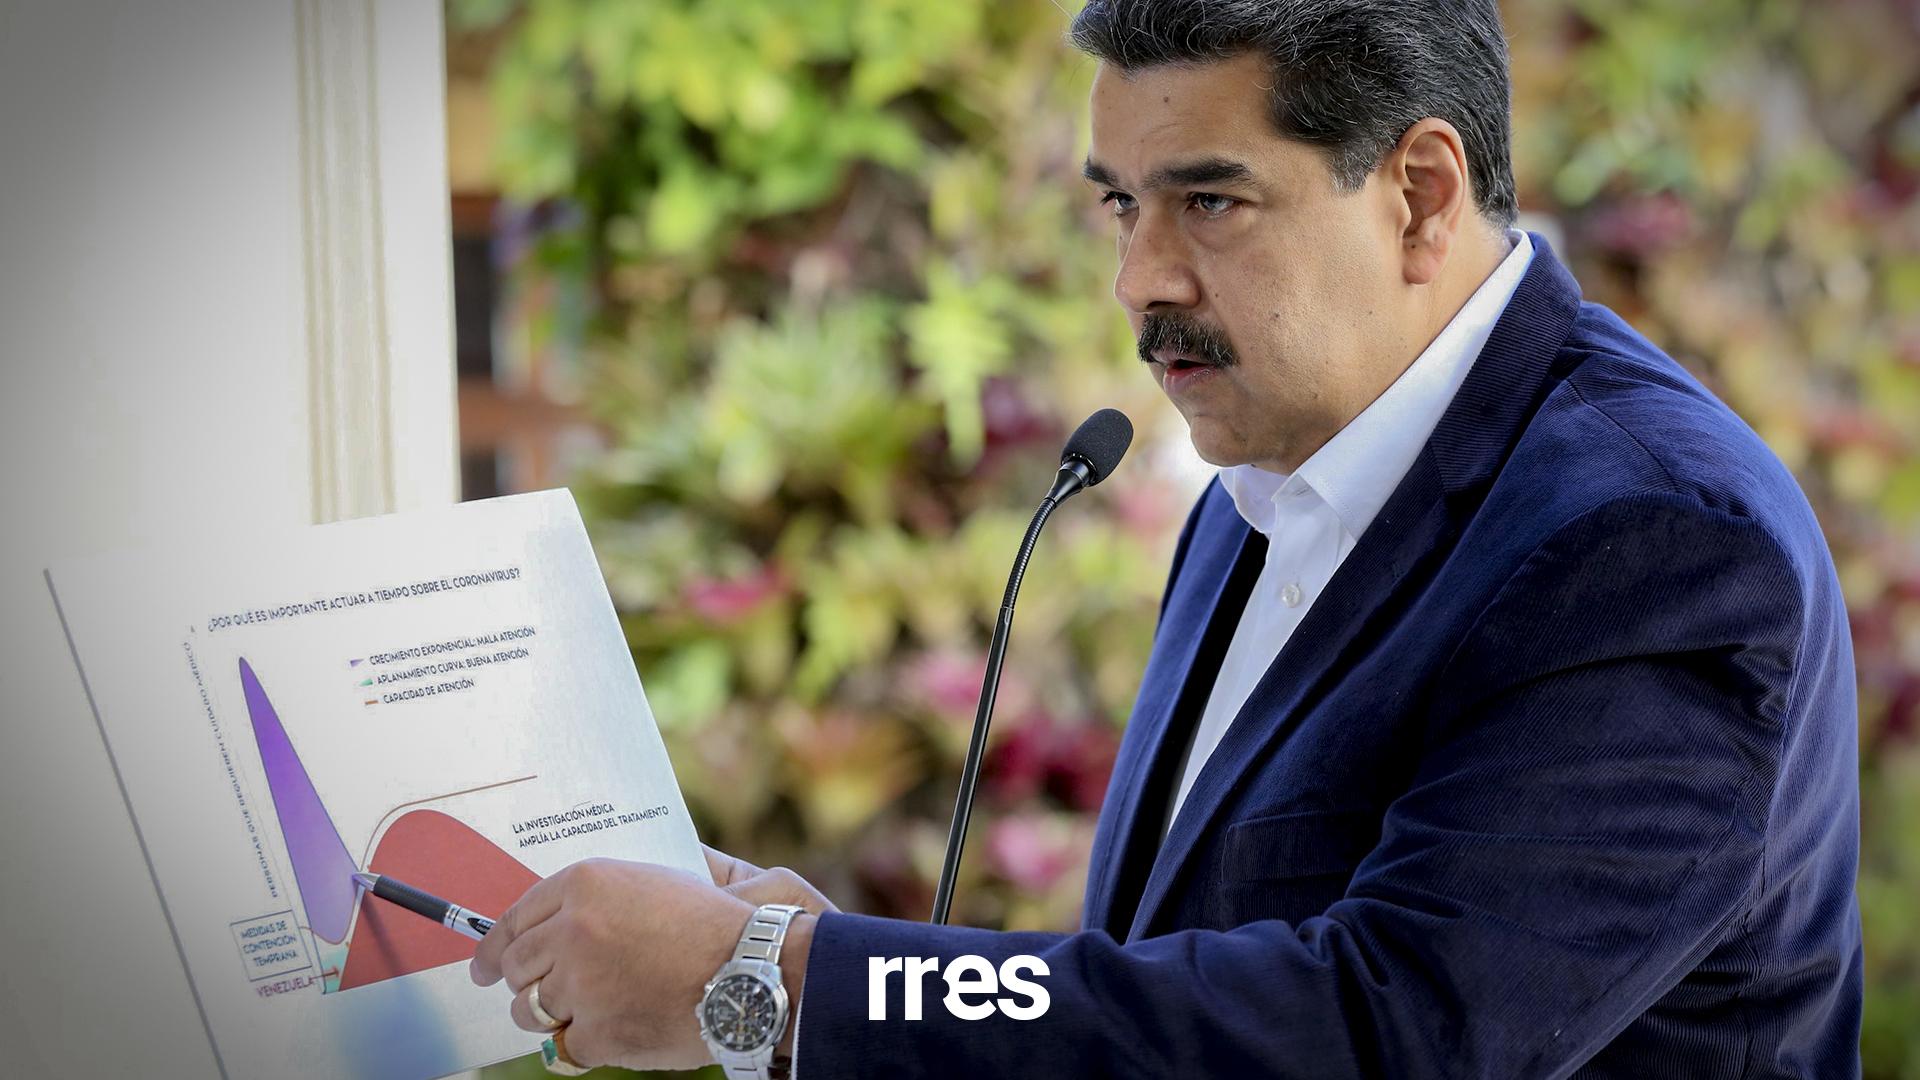 Cronología de incongruencias y opacidad en cifras oficiales de Covid-19 en Venezuela